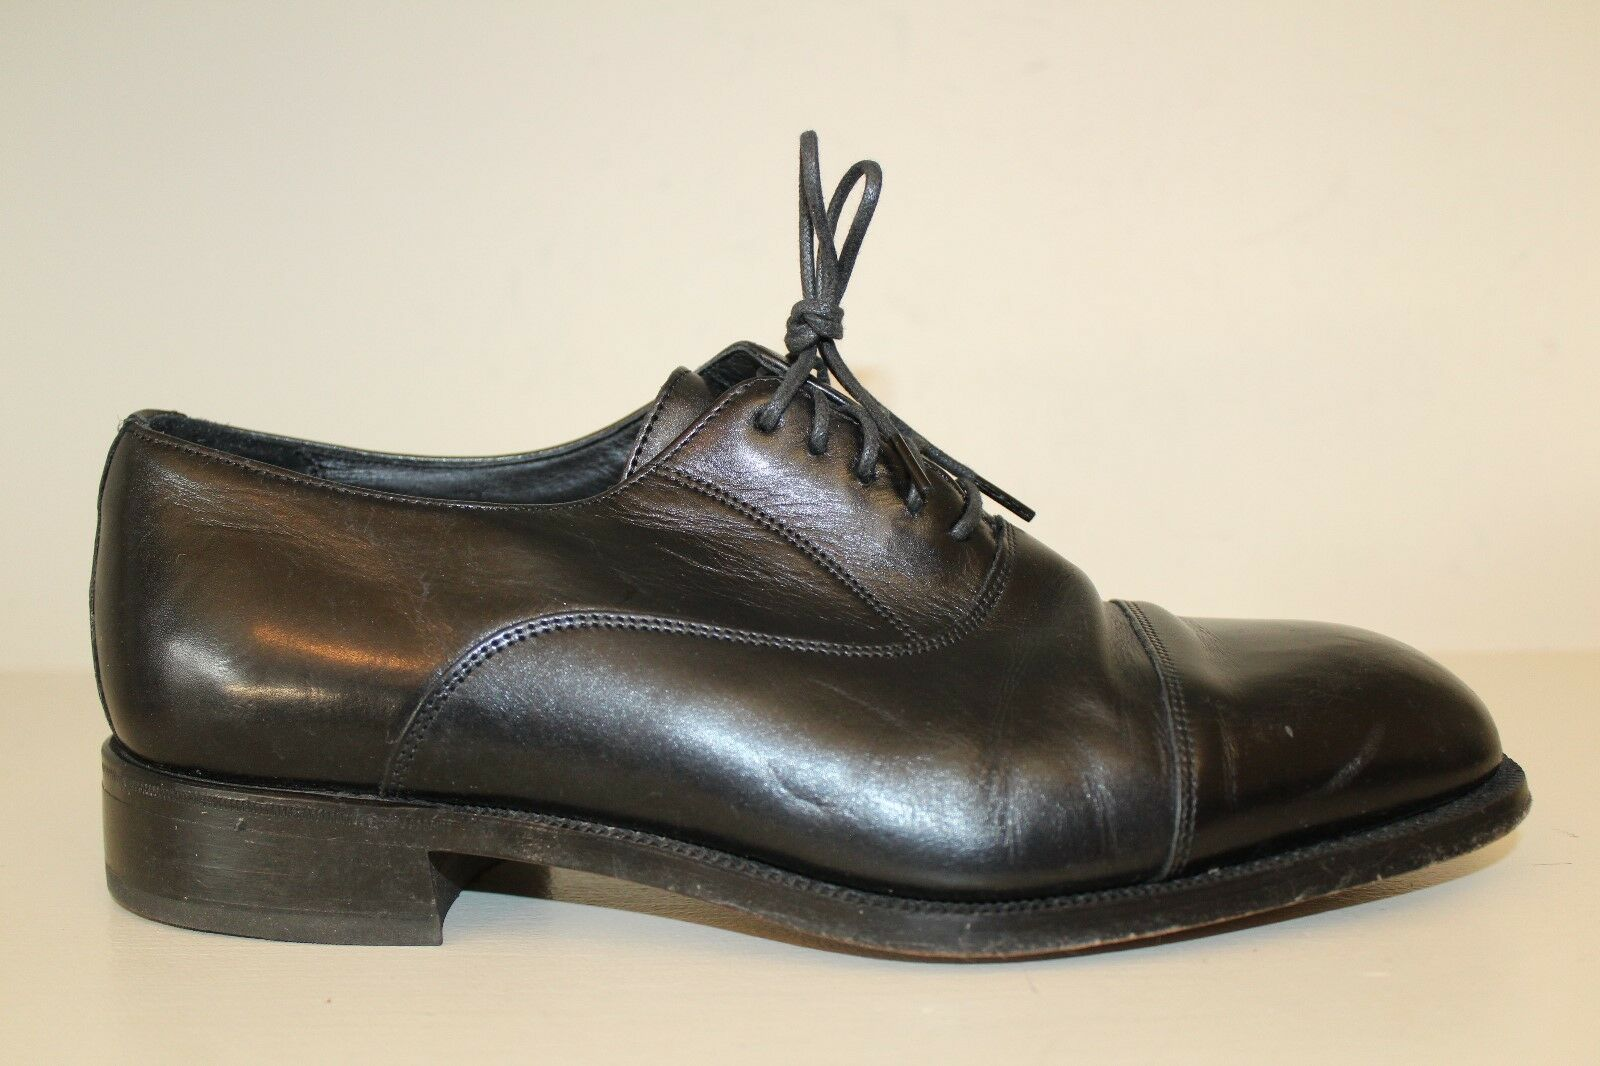 Florsheim Mens Oxford Dress shoes Sz 9 3E Black Leather Cap Toe Lace Up